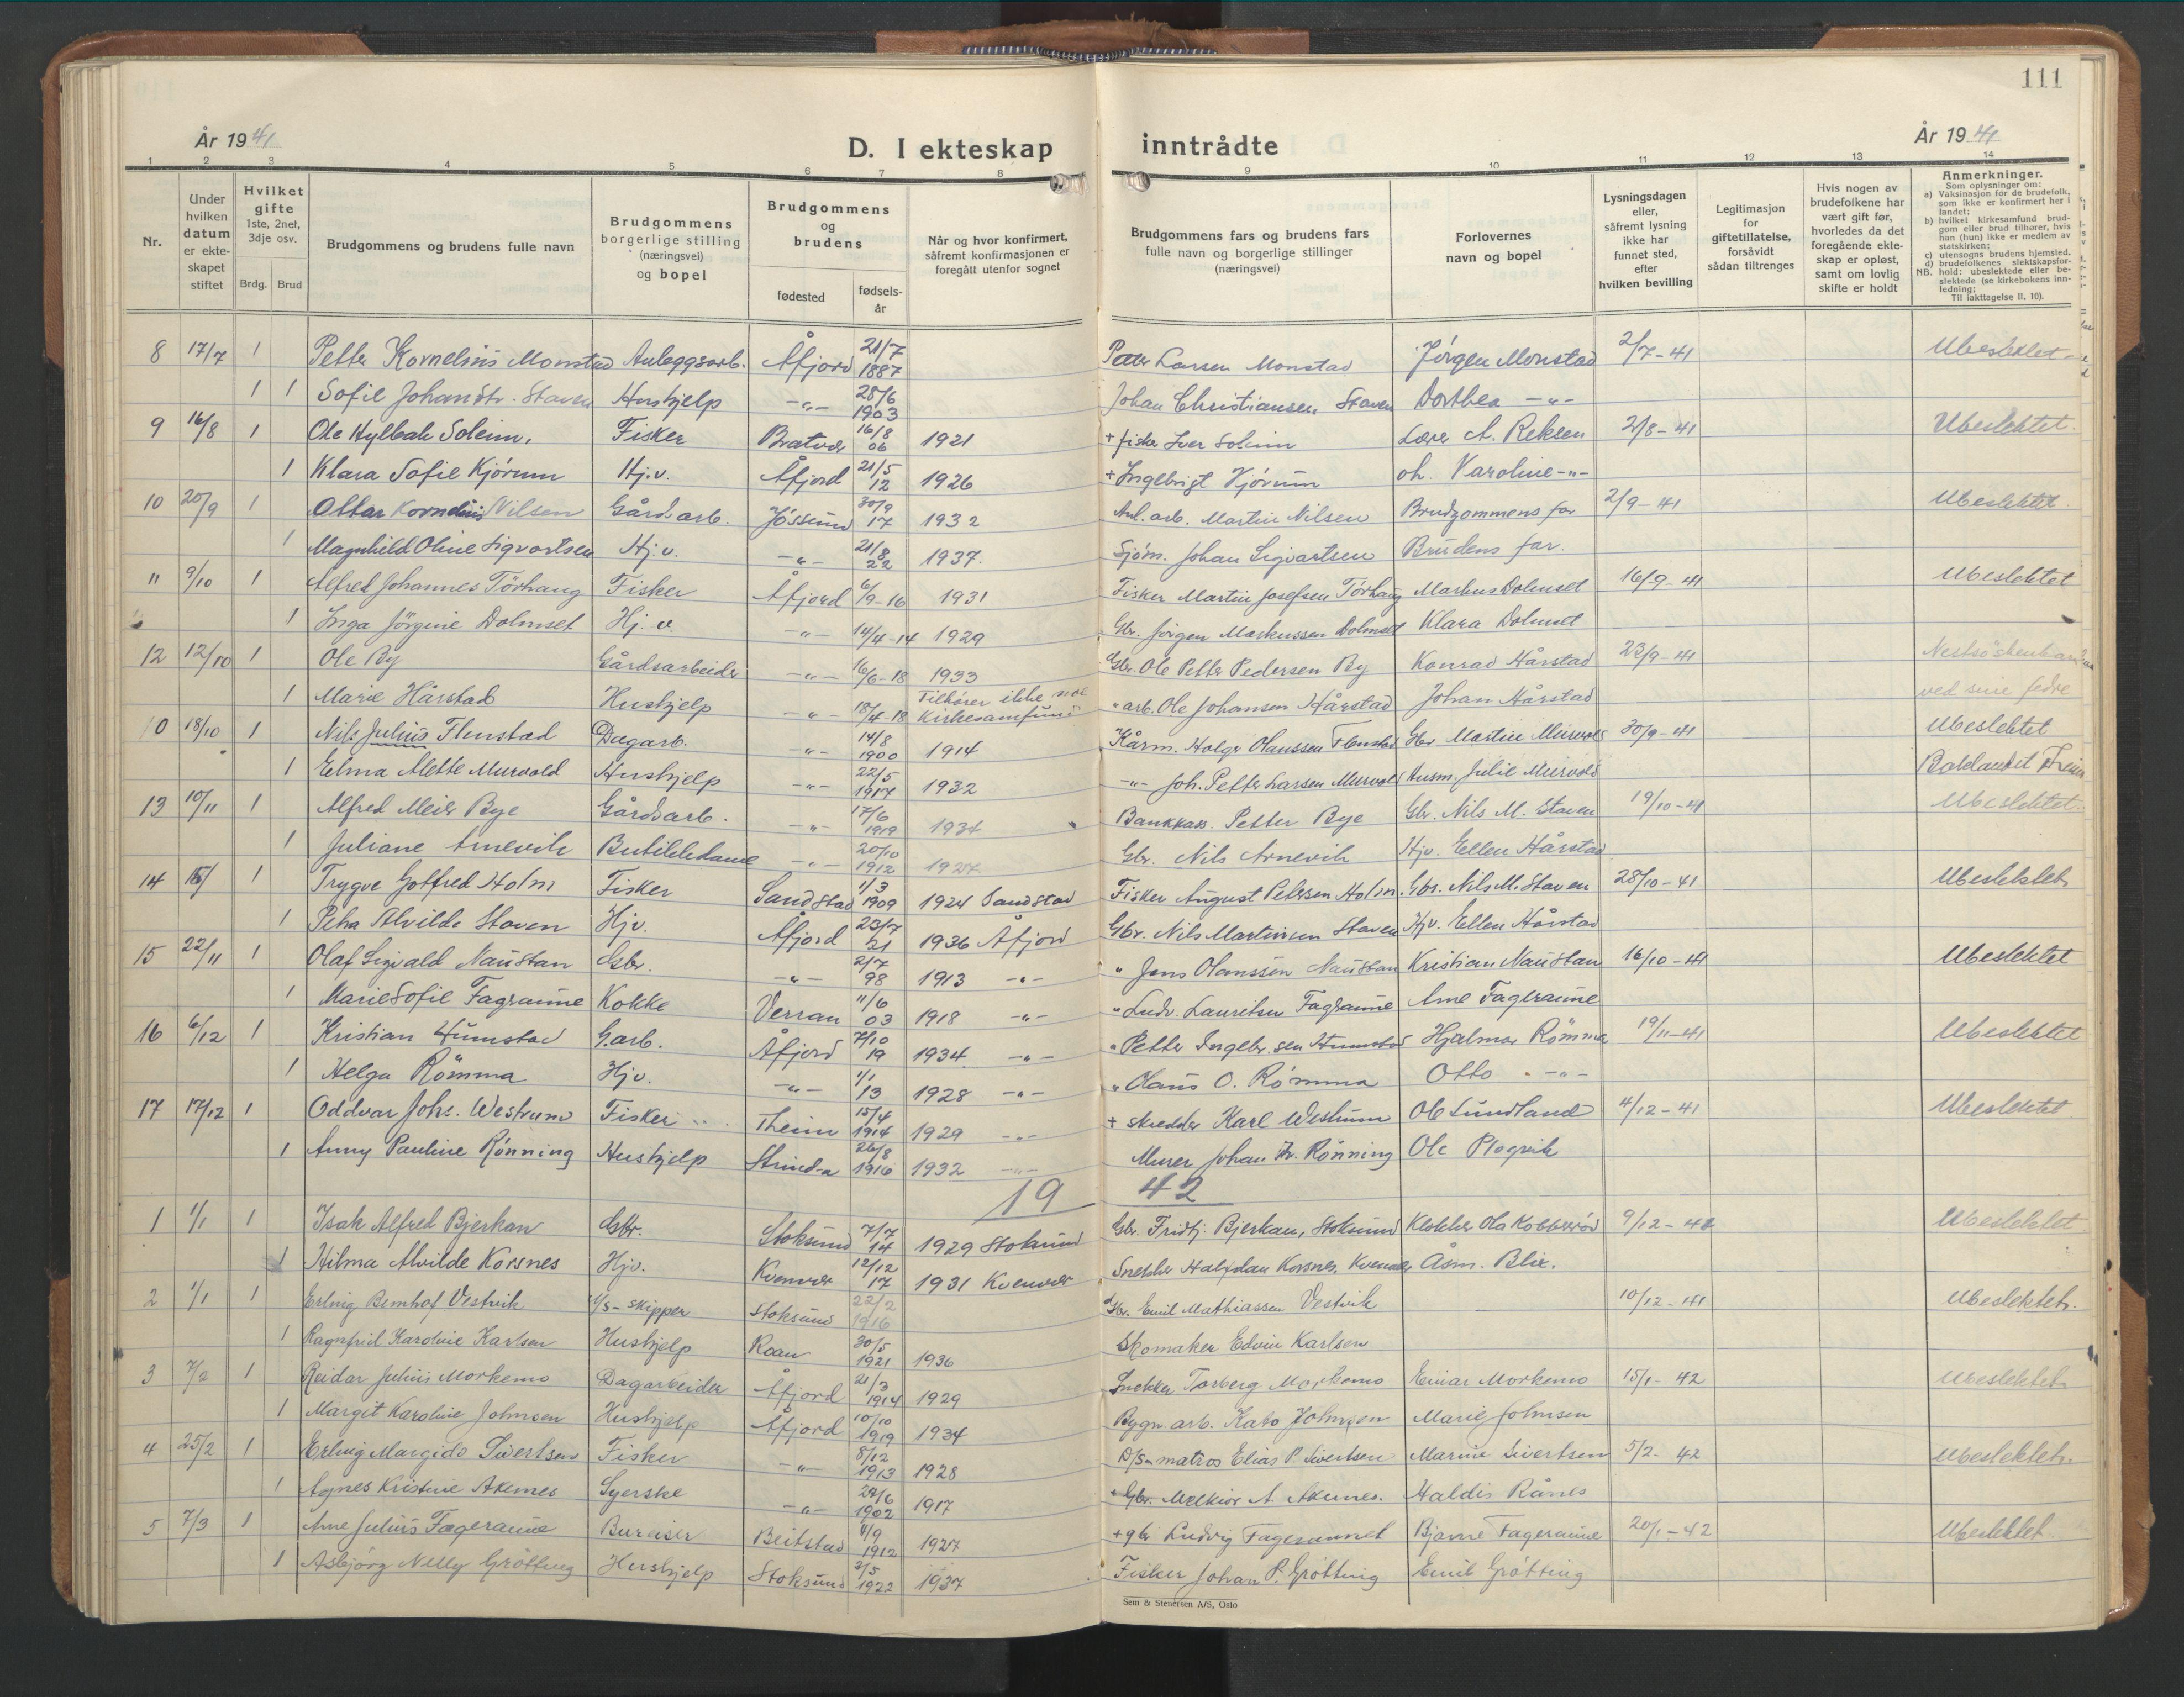 SAT, Ministerialprotokoller, klokkerbøker og fødselsregistre - Sør-Trøndelag, 655/L0690: Klokkerbok nr. 655C06, 1937-1950, s. 111